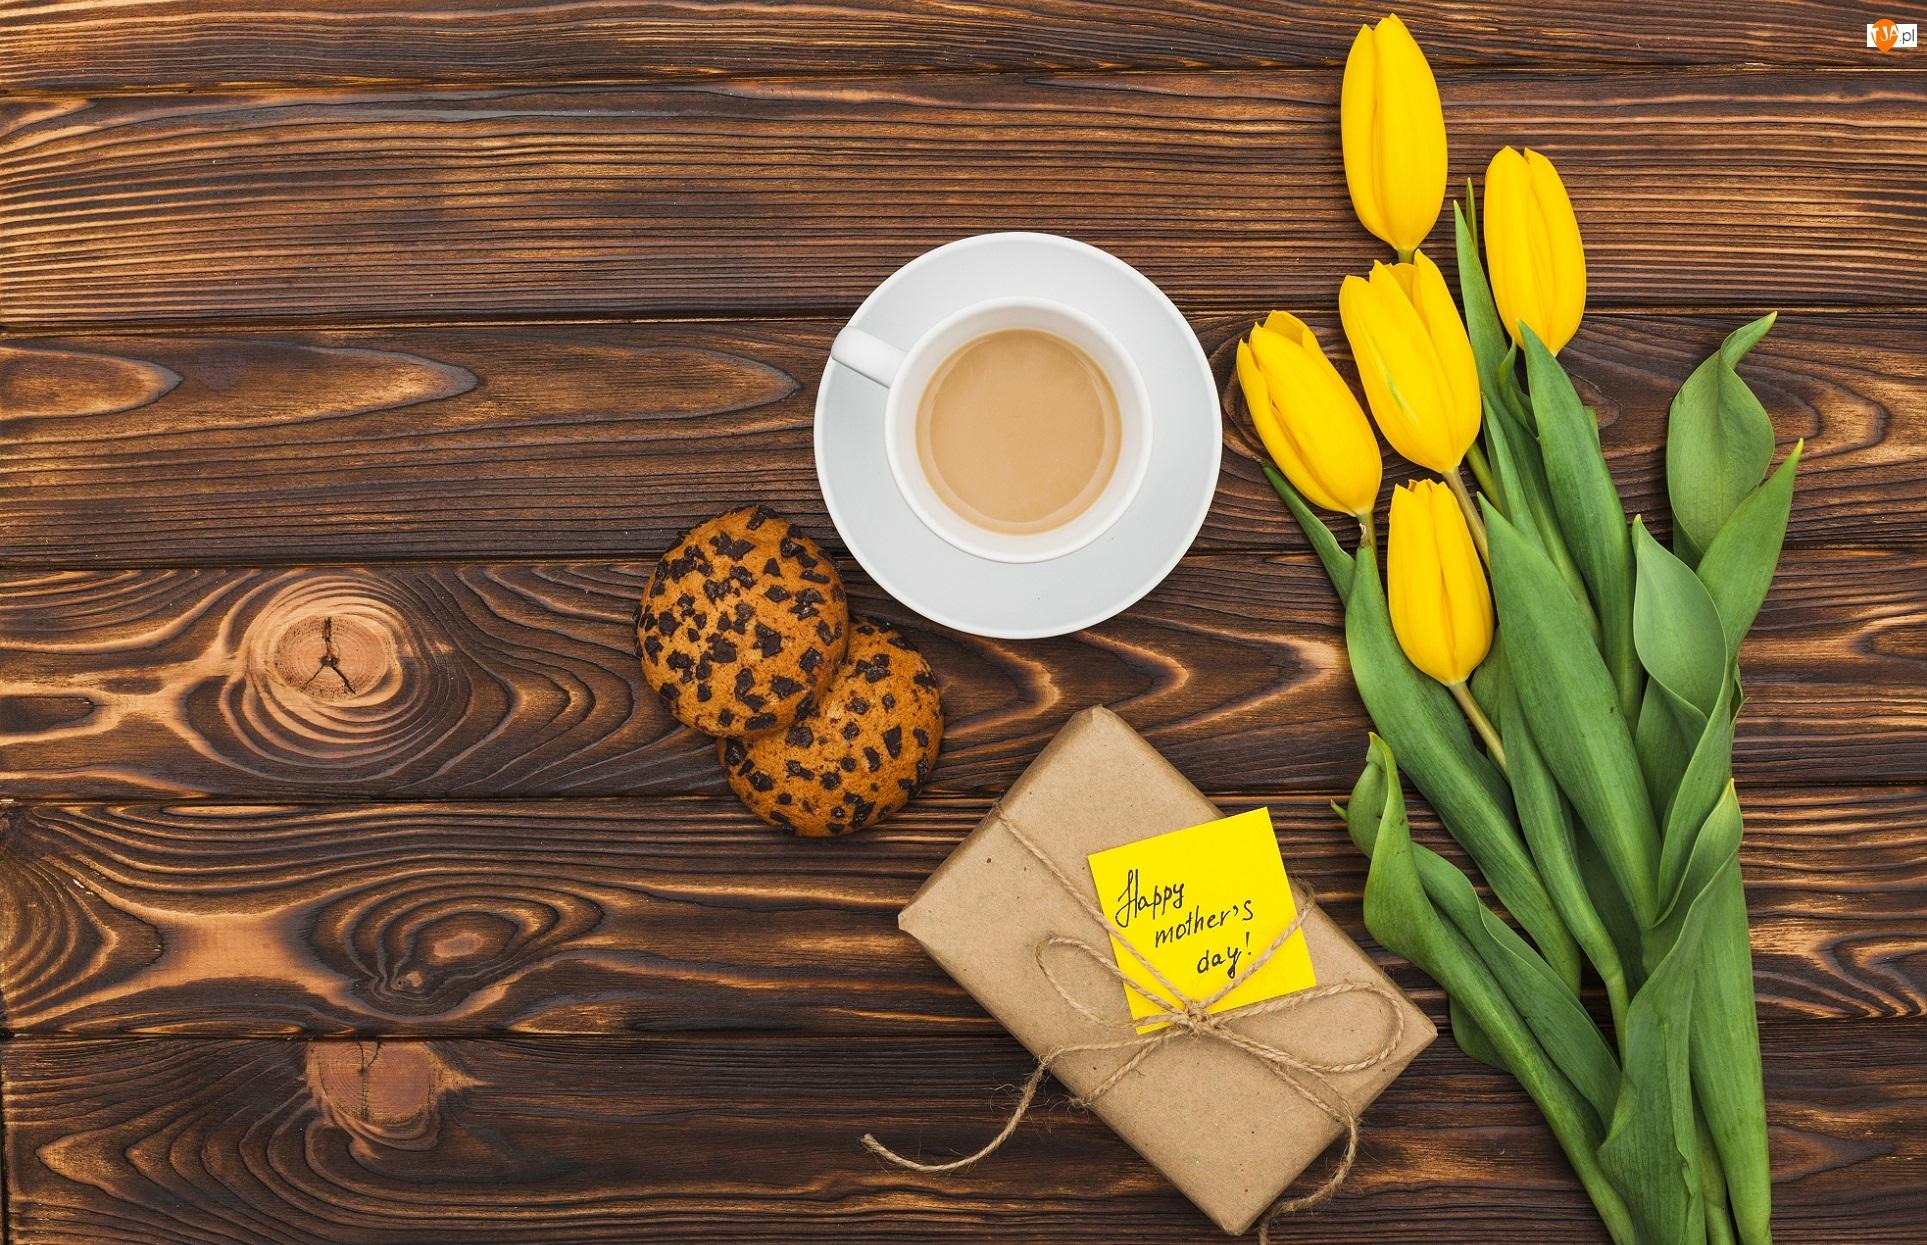 Deski, Karteczka, Napis, Prezent, Kawa, Filiżanka, Żółte, Ciasteczka, Tulipany, Dzień Matki